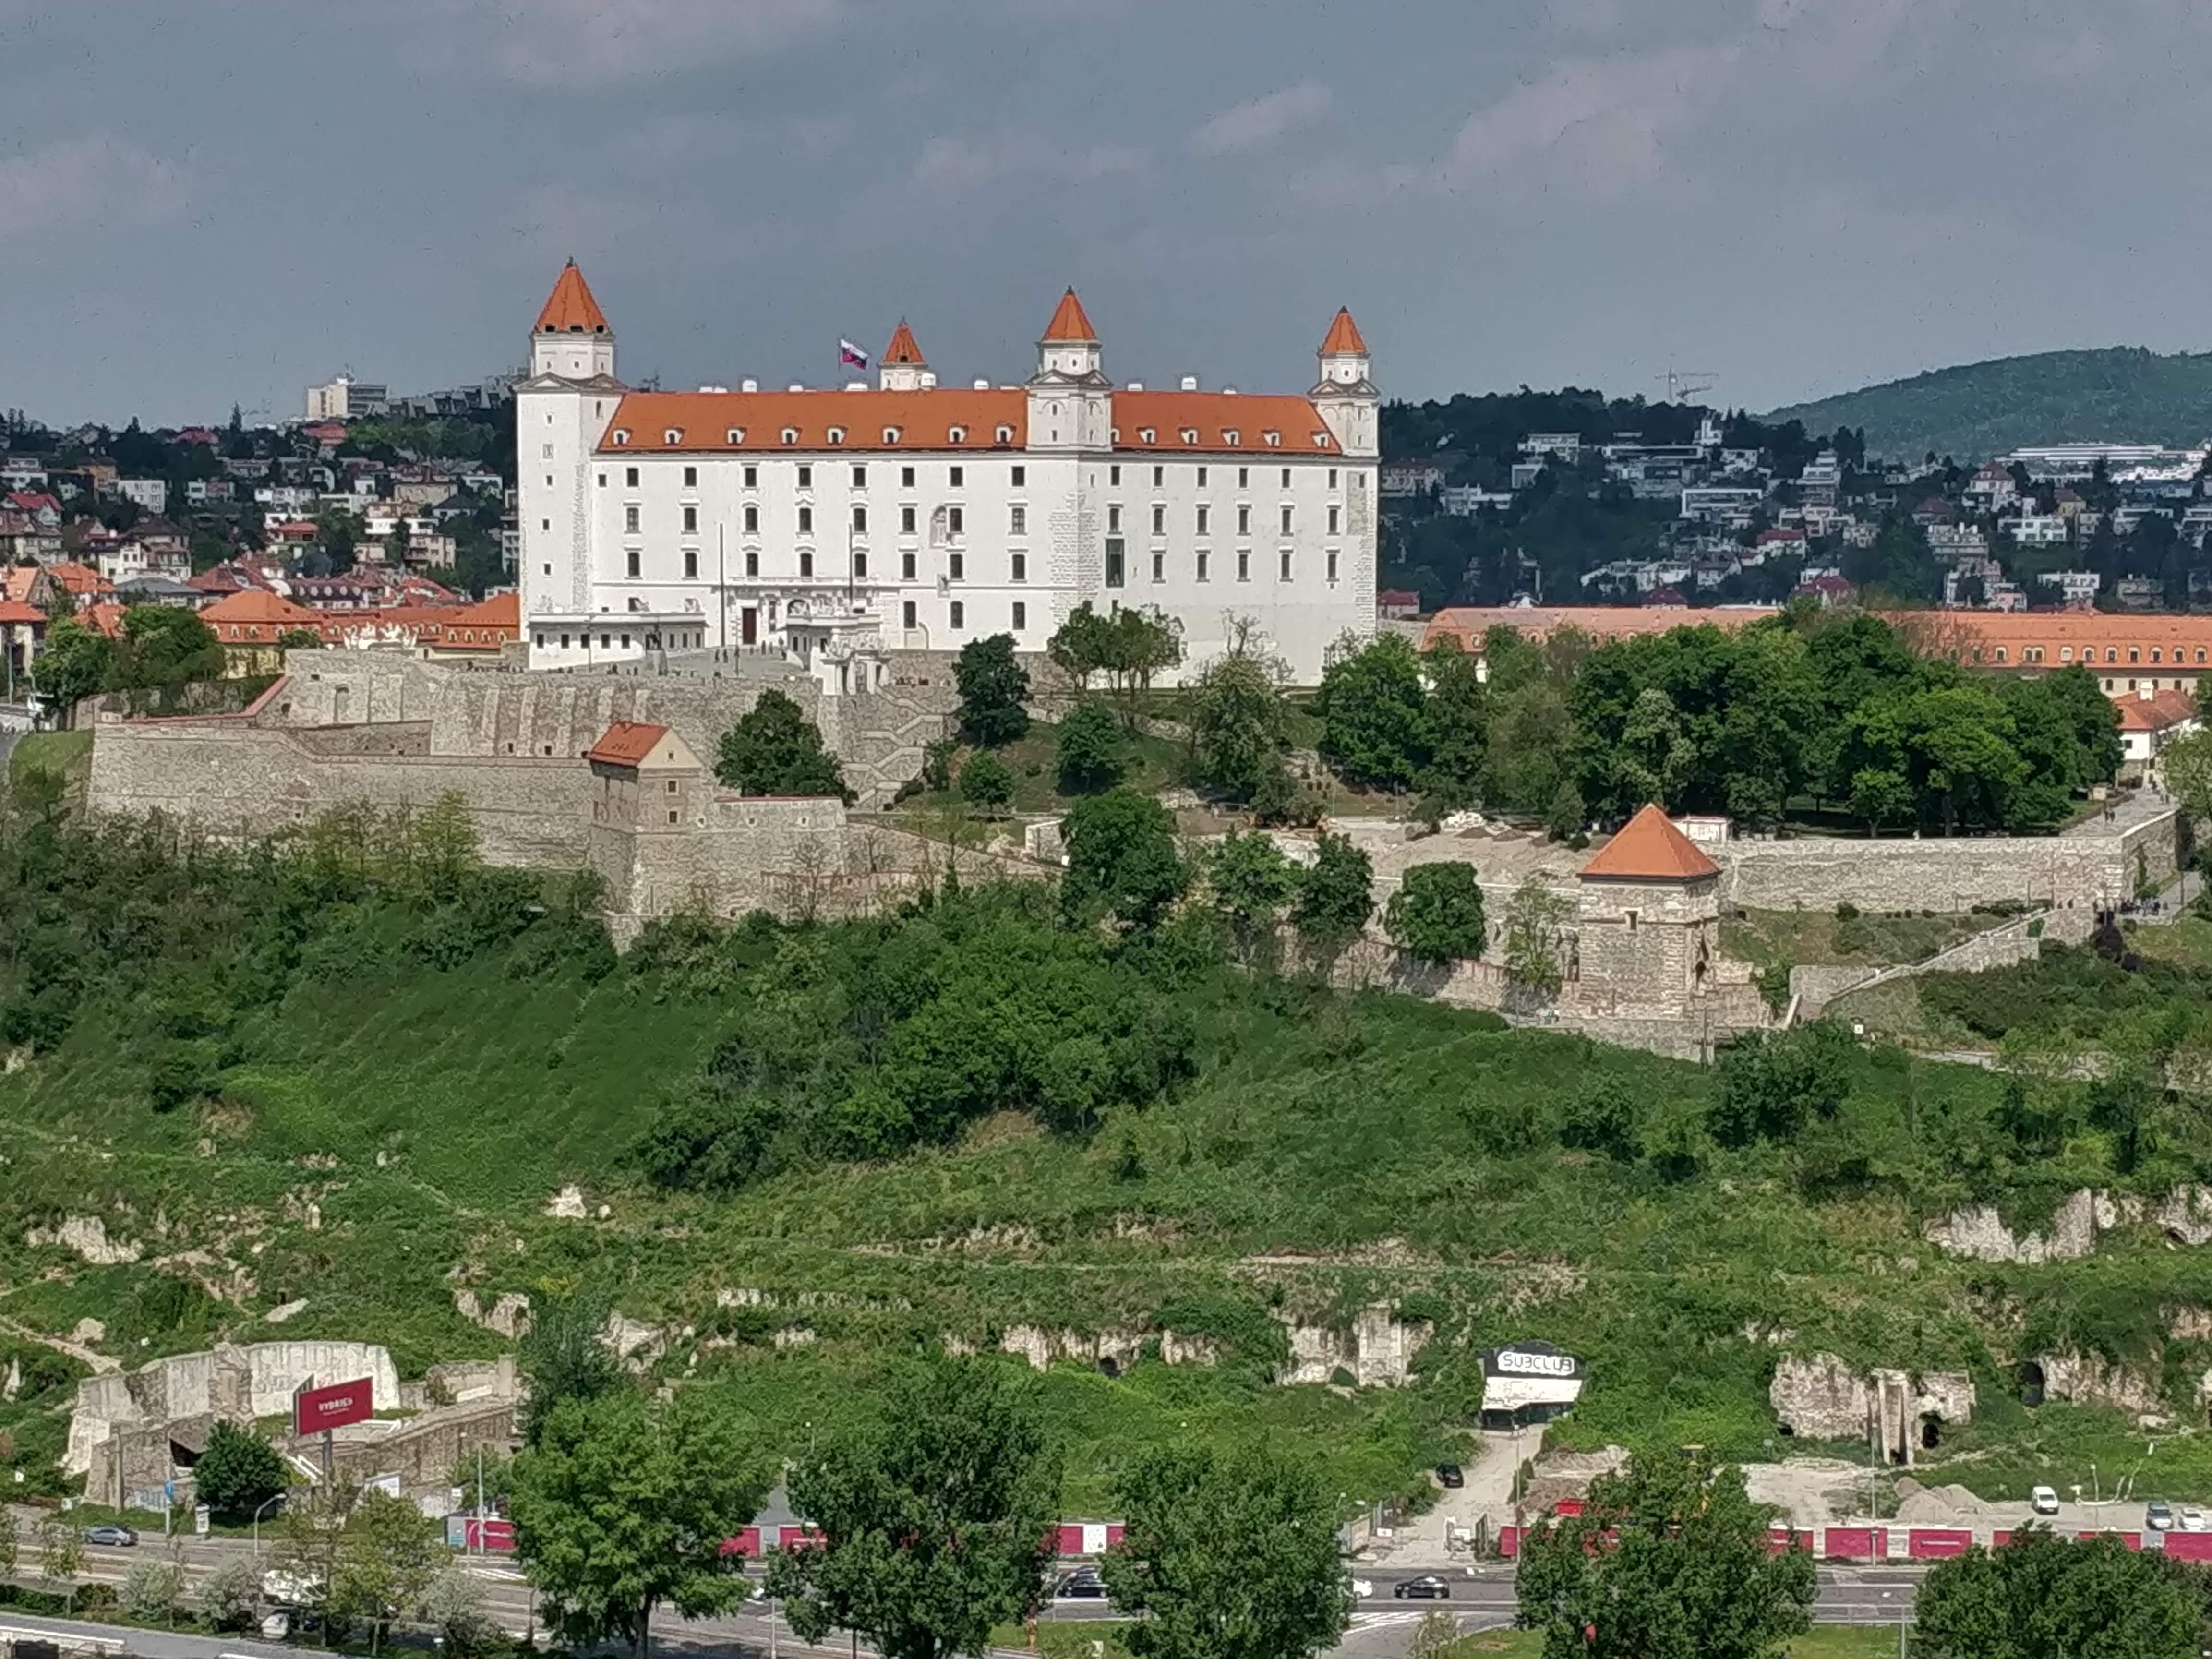 Kilátás a pozsonyi várra